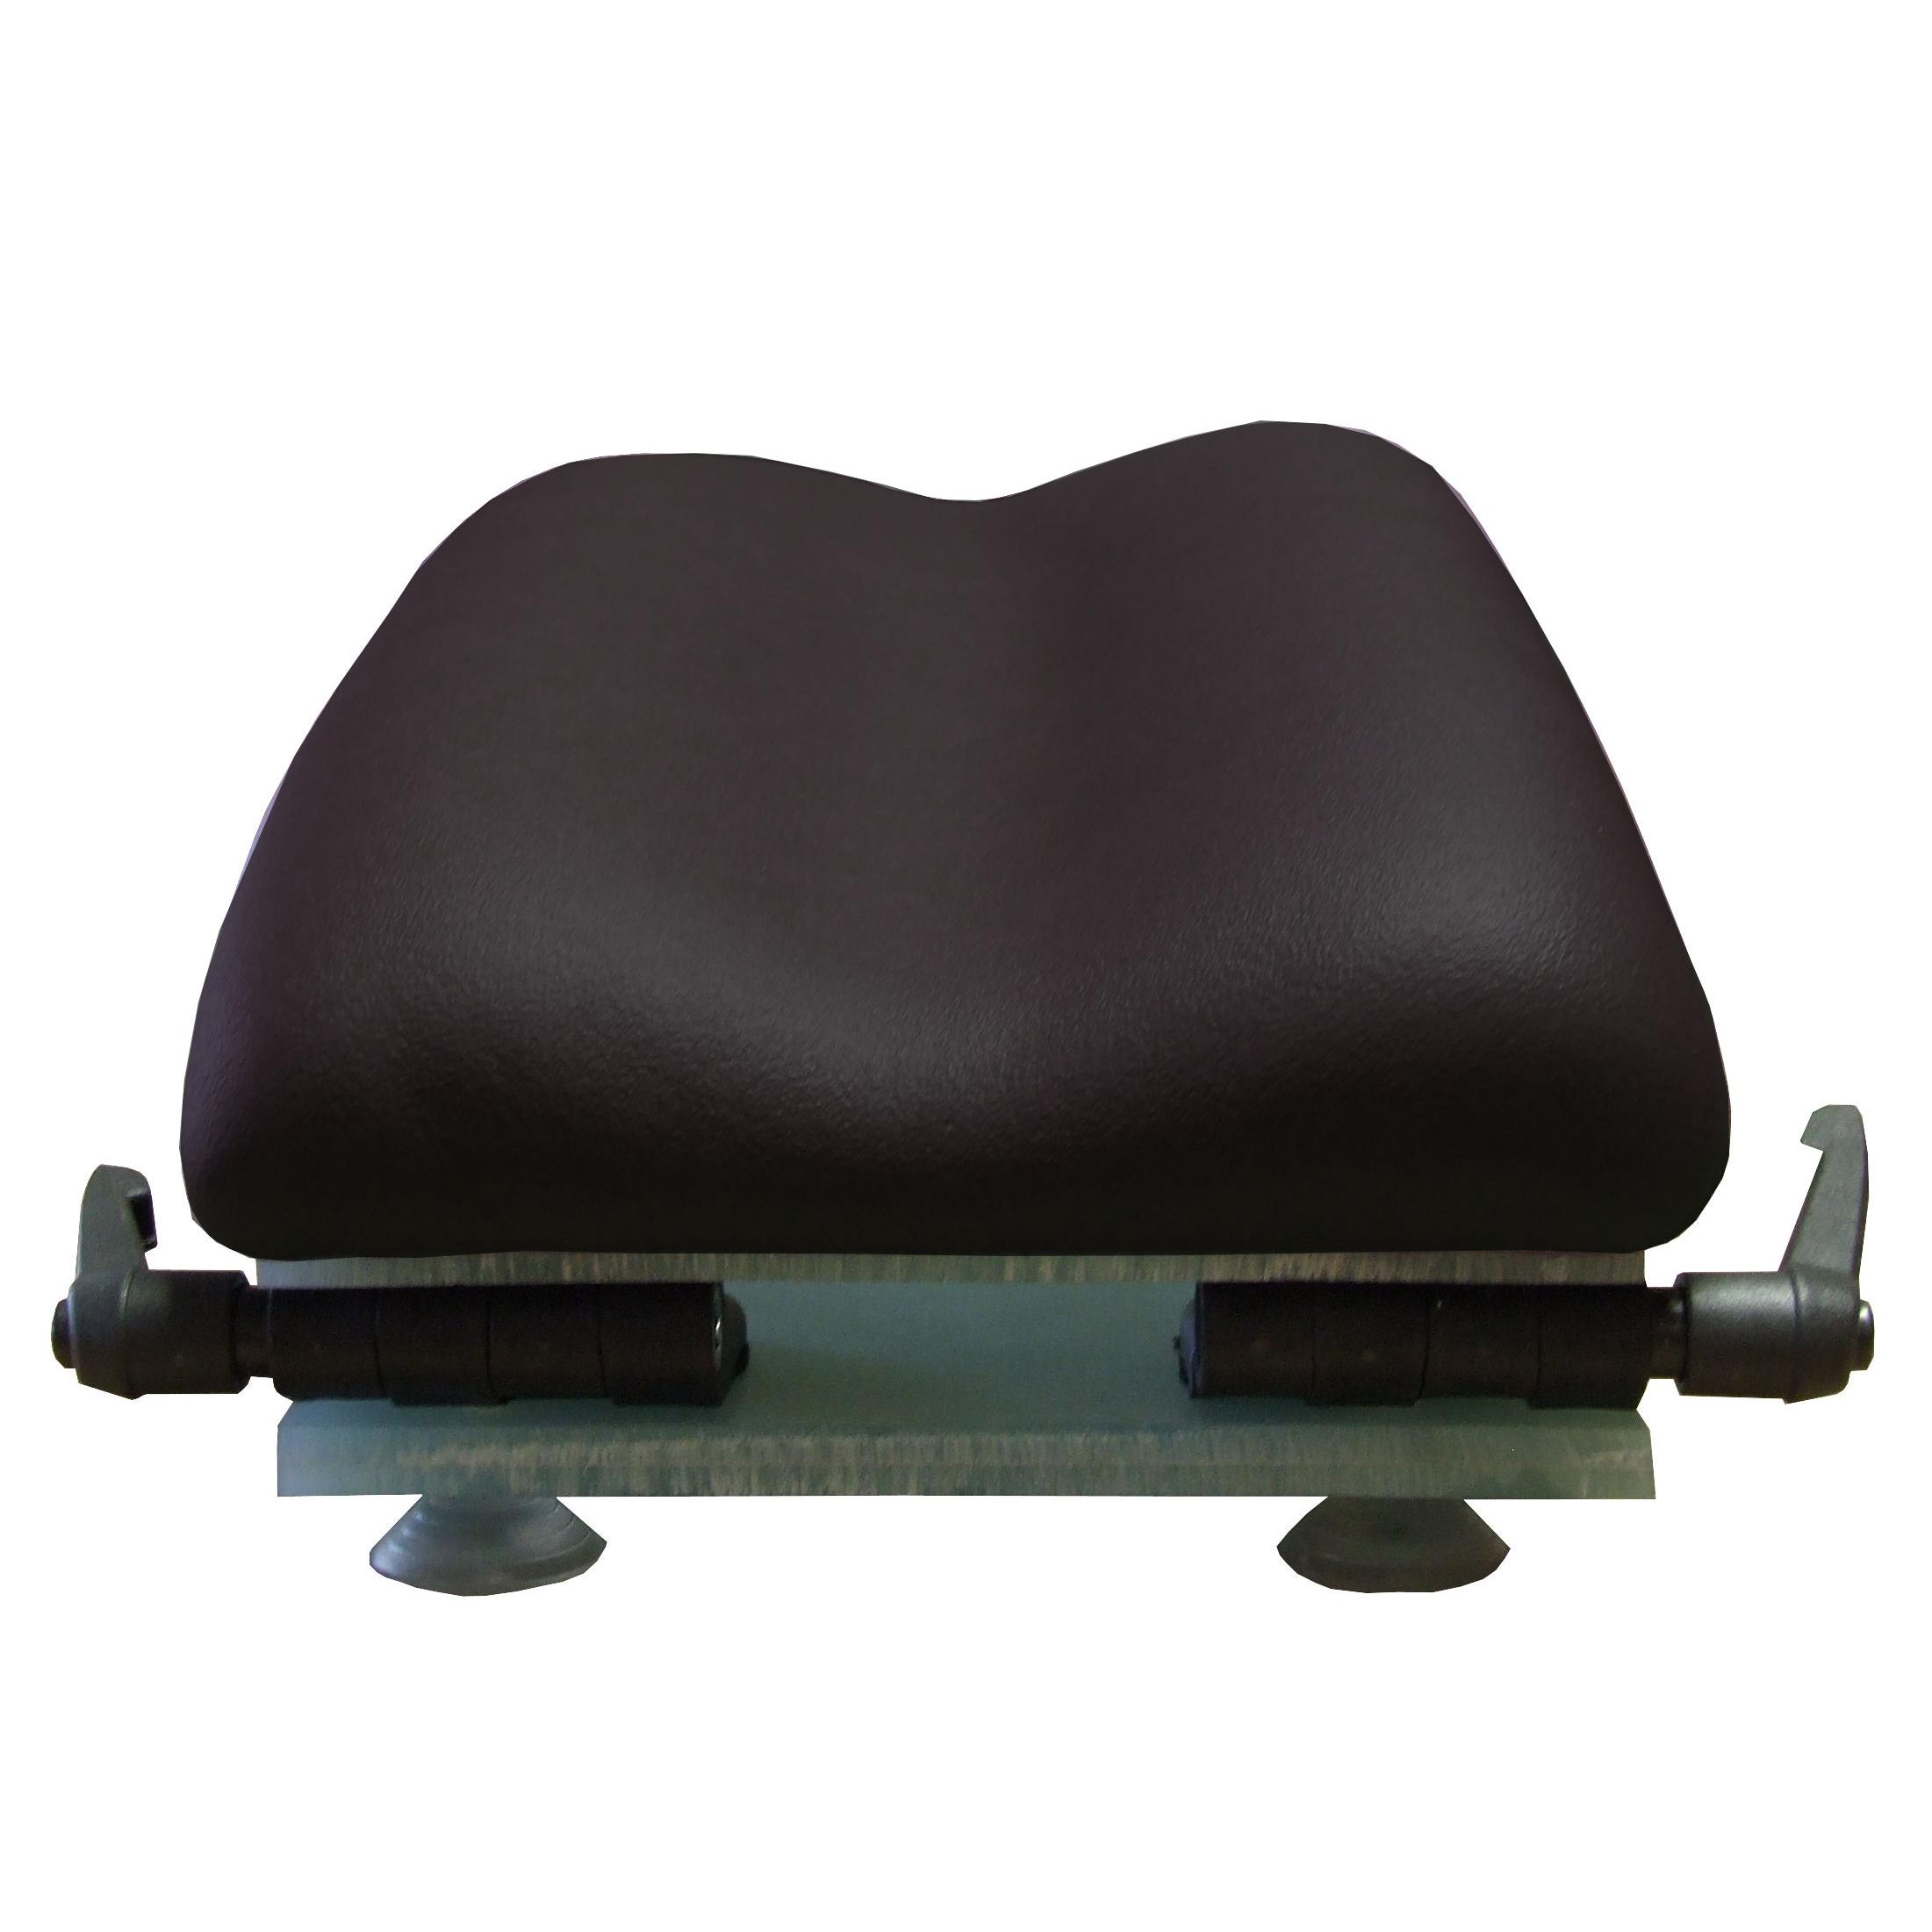 Support avant-bras antistatique de siegepro permettant la réduction ou l'élimination des tensions musculaires